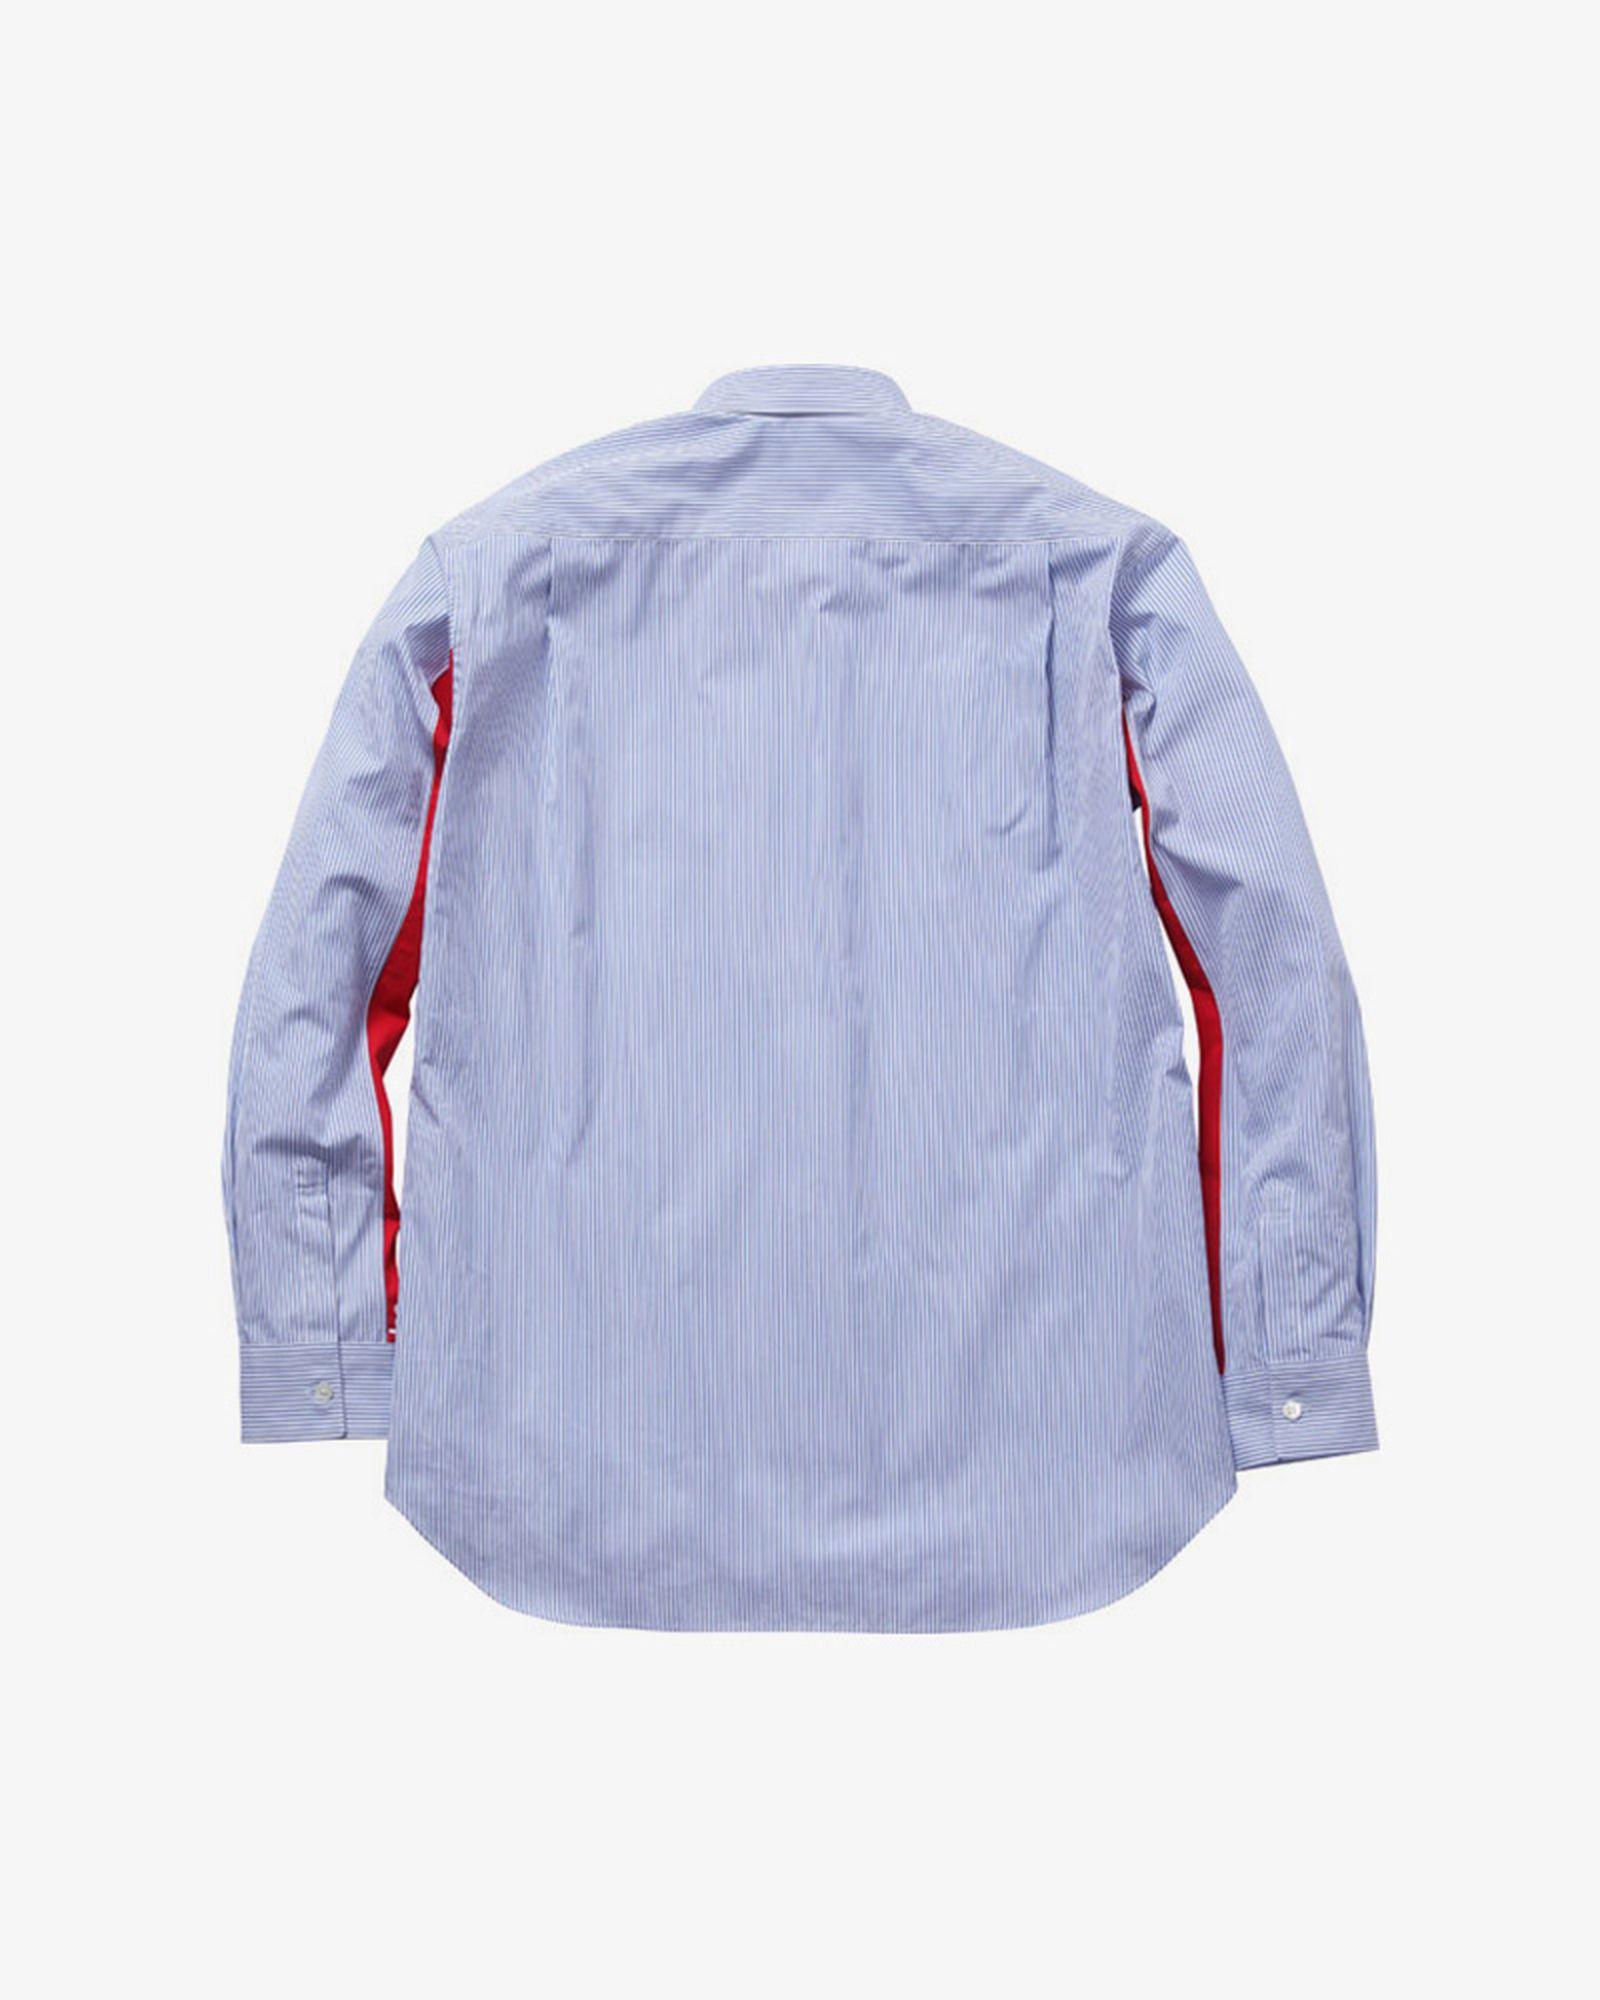 cdg supreme history 2012 comme des garcon shirt comme des garcons